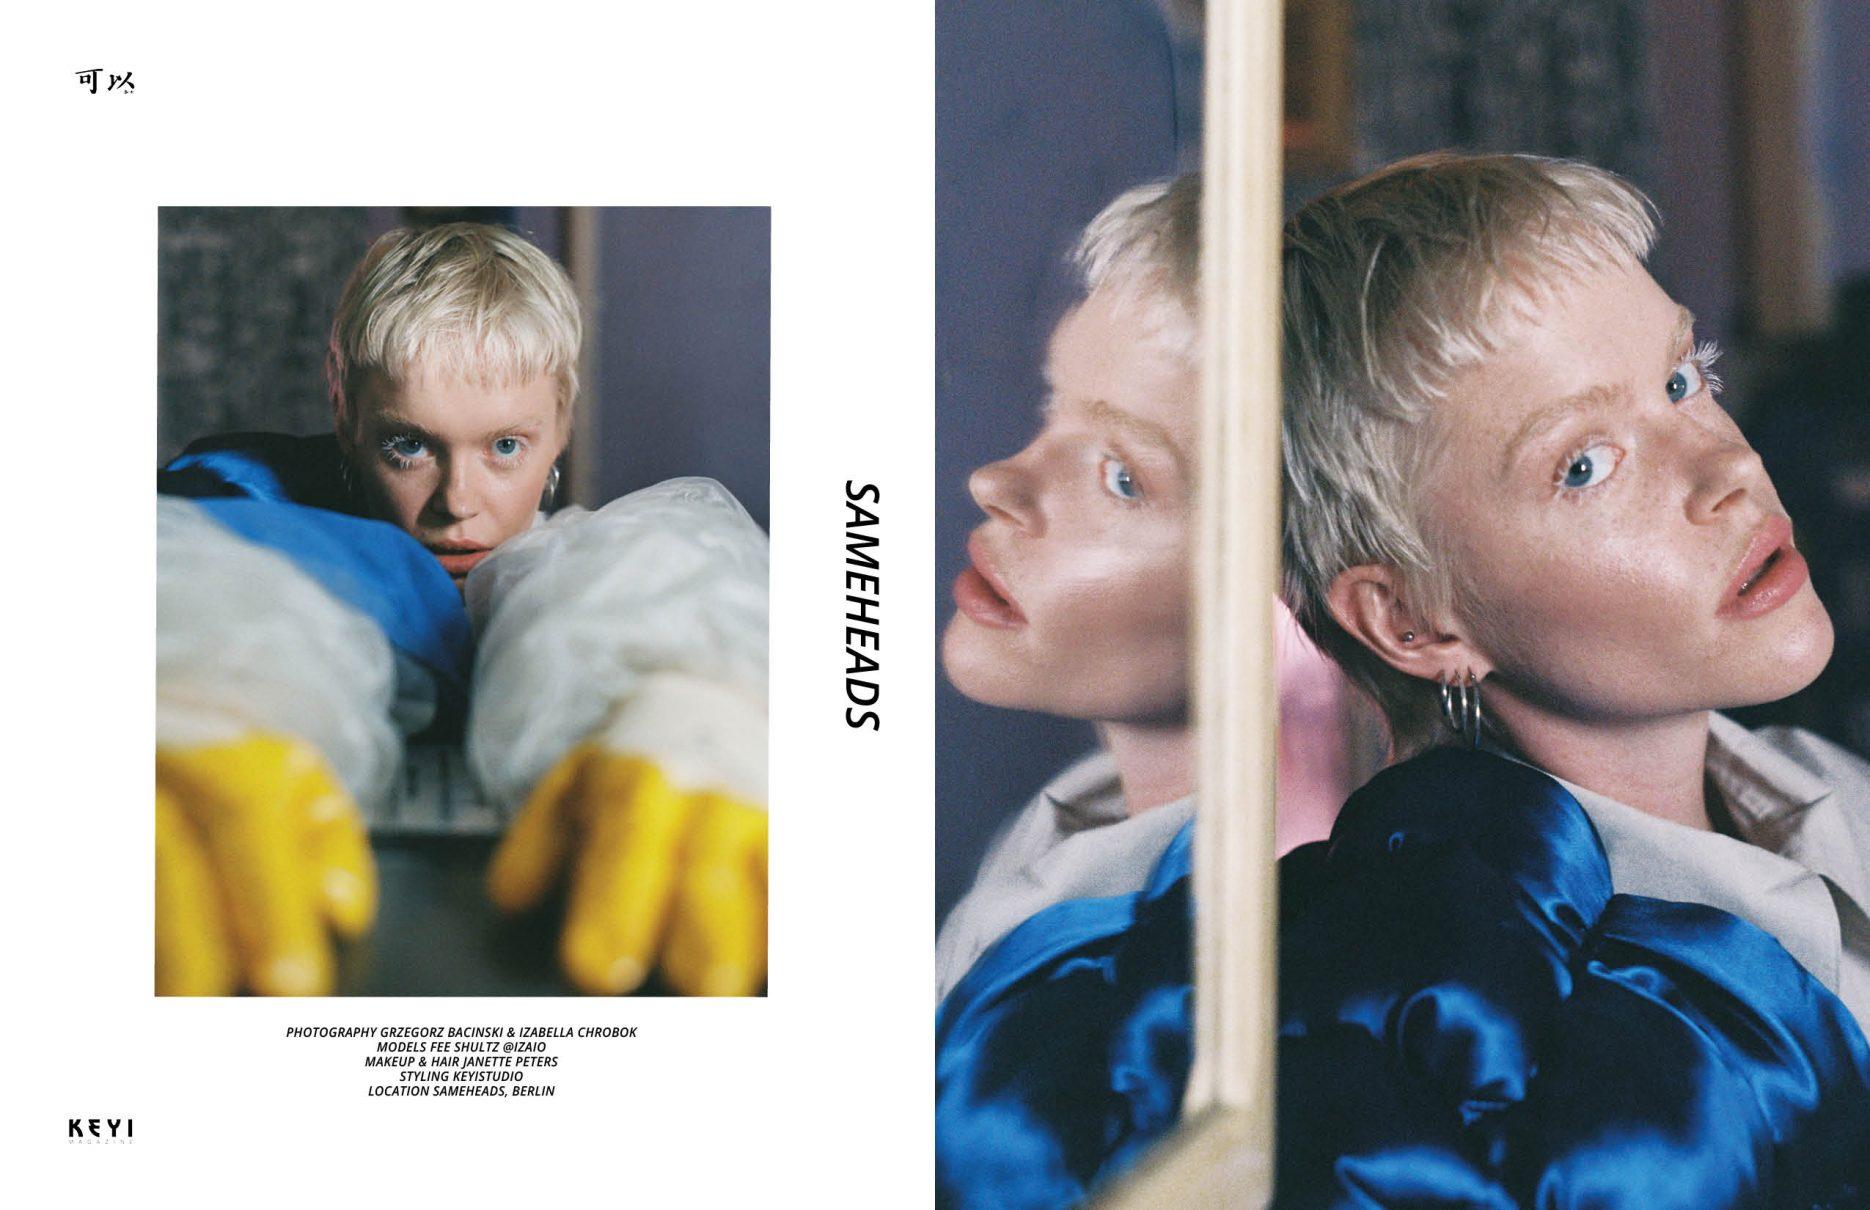 photography/art direction/styling: Izabella Chrobok @berlin_bunny_ & Grzegorz Bacinski @eyes_dice (@keyistudio / Berlin )